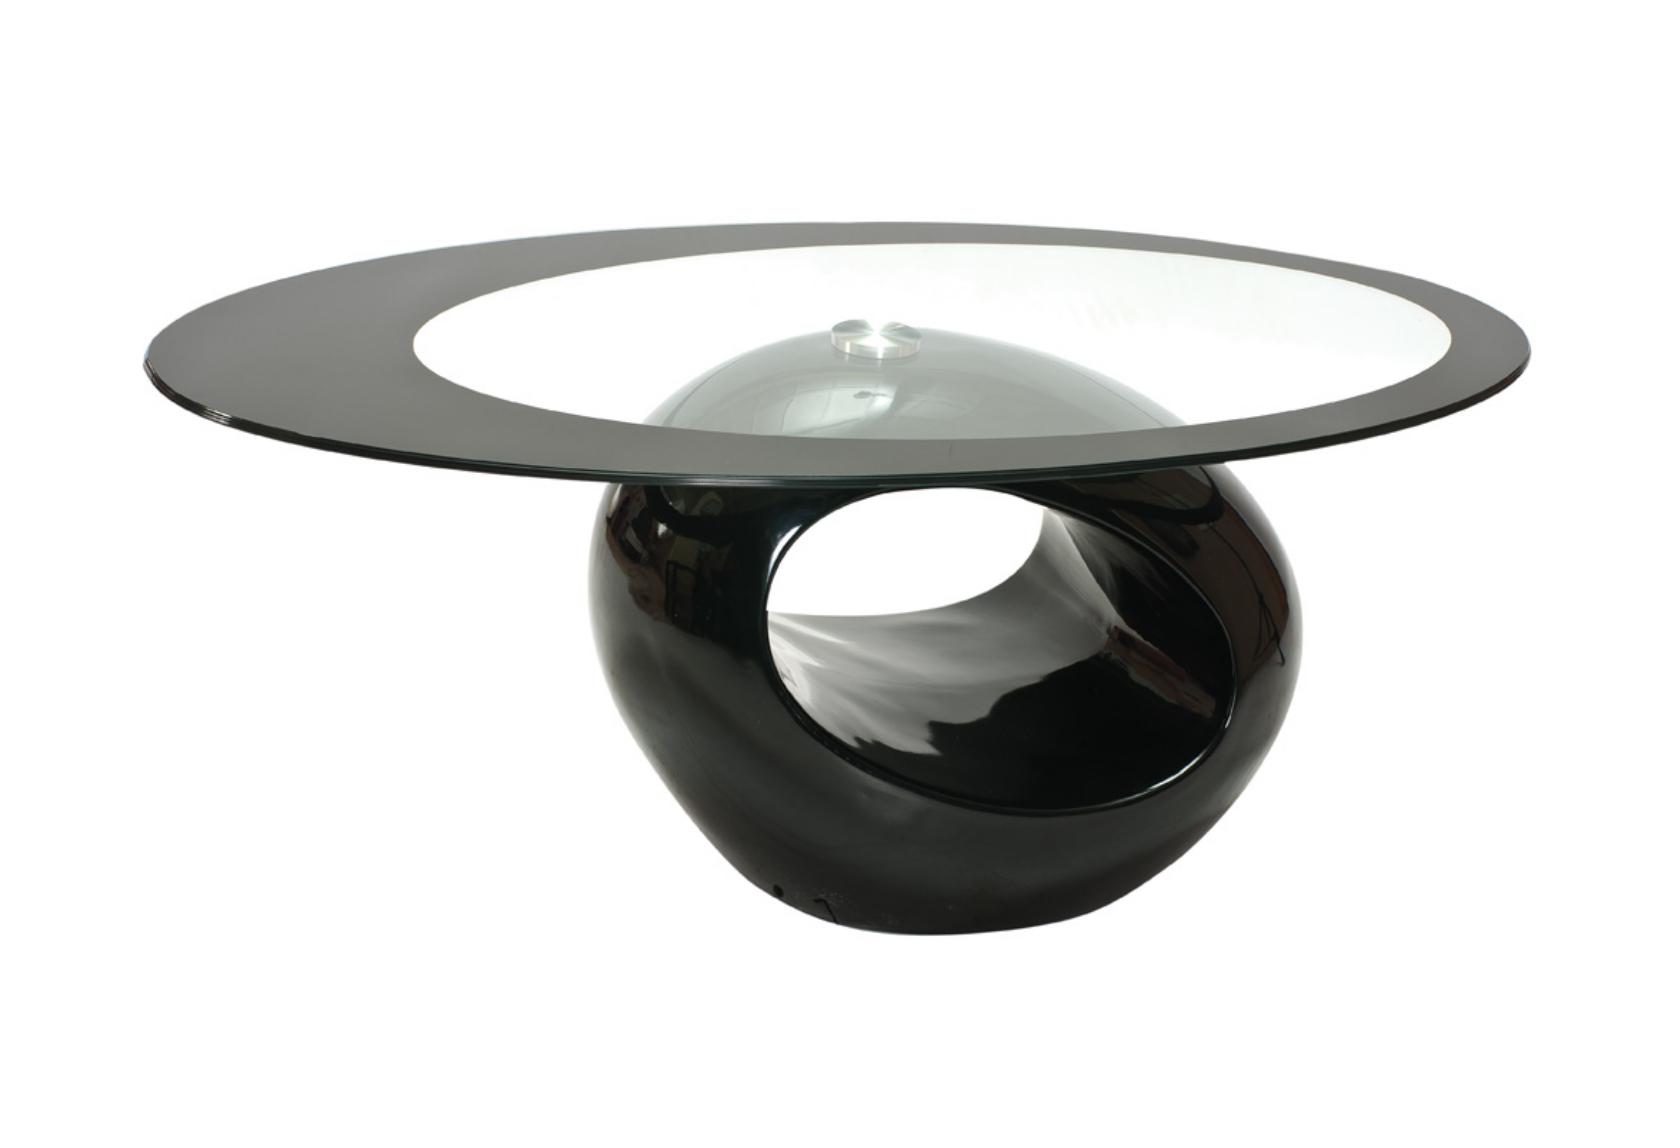 Hebestylowa ława szklana, stolik kawowy, stolik w połysku,